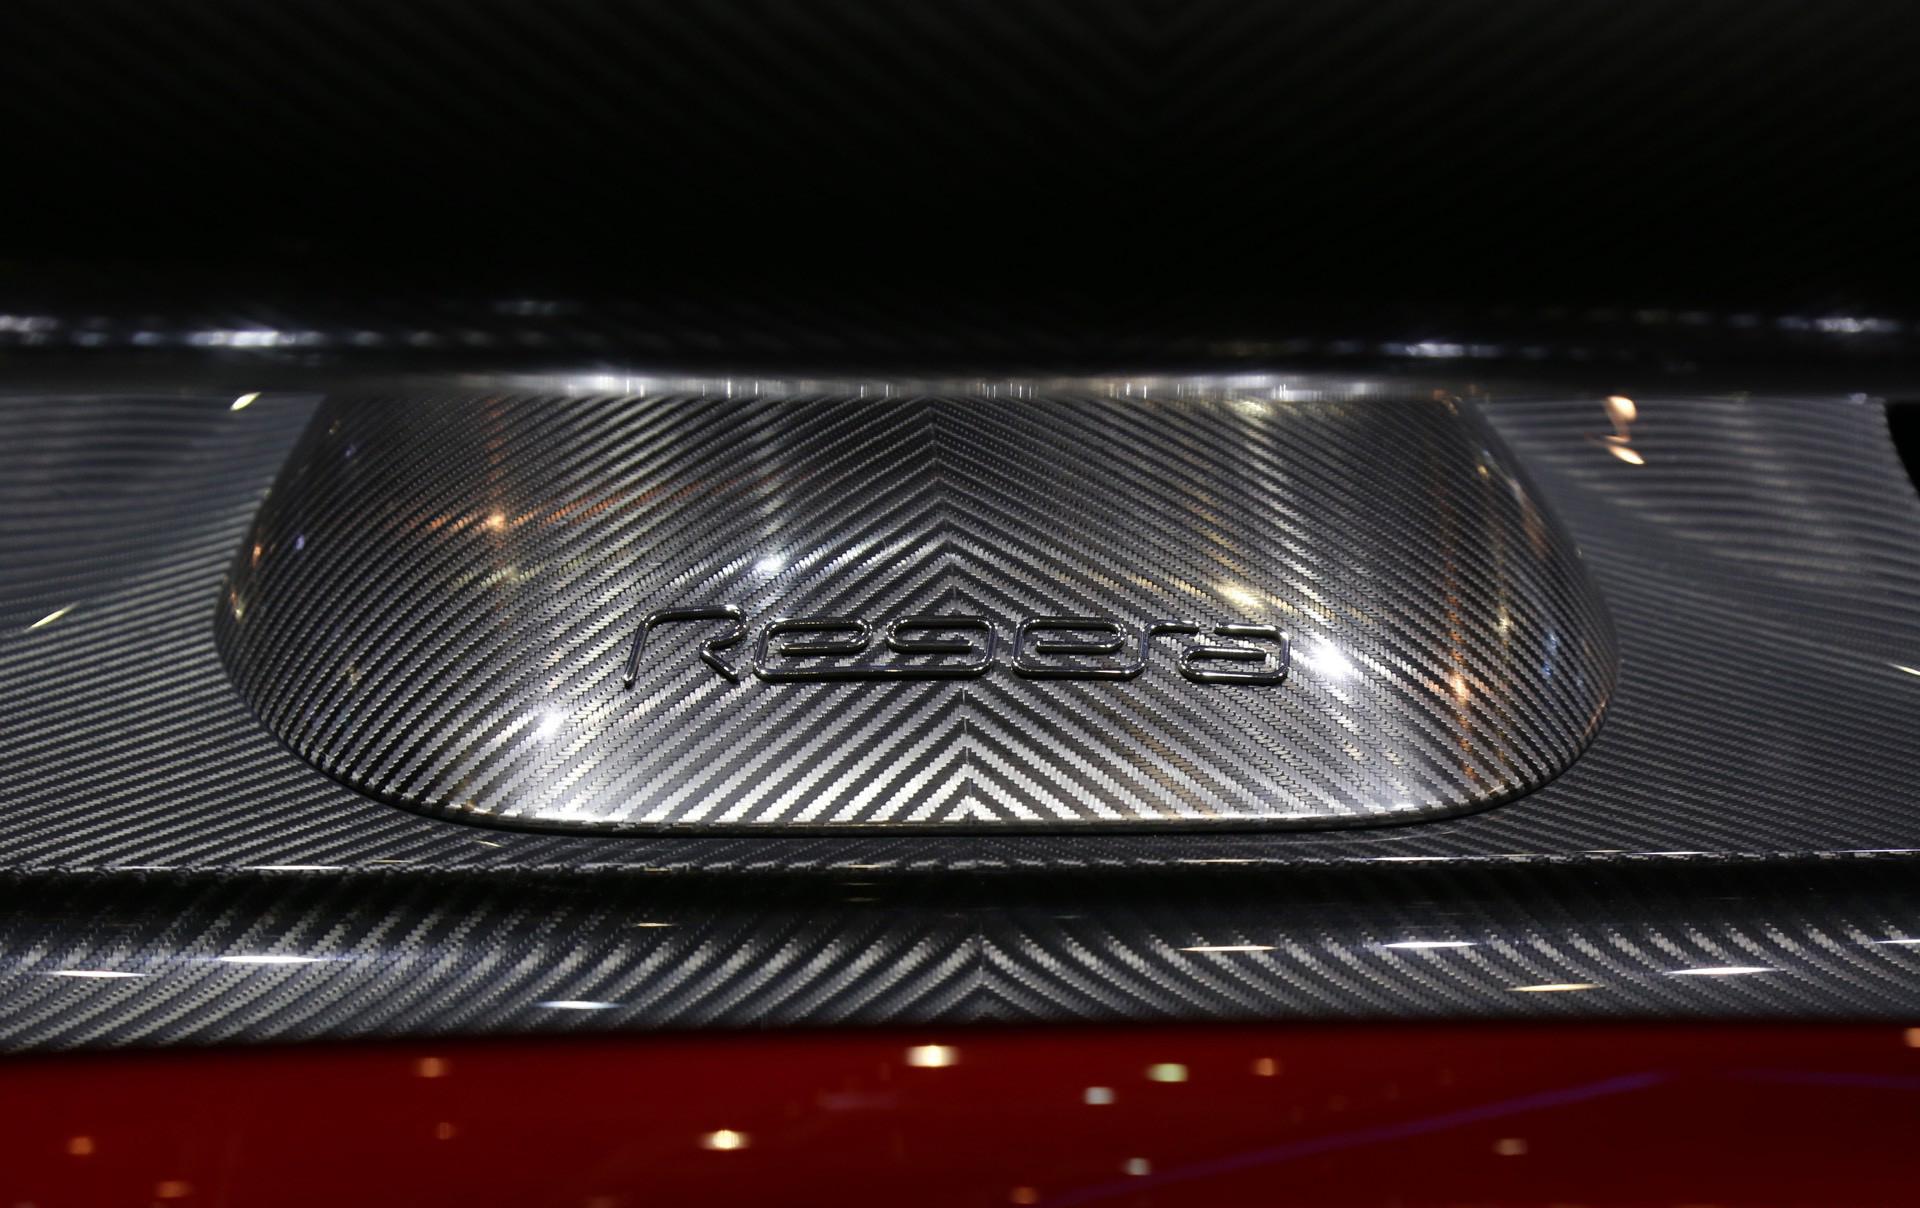 Regera может не получить полную трековую спецификацию, но Koenigsegg обещает, что эта модель будет не менее спортивной.